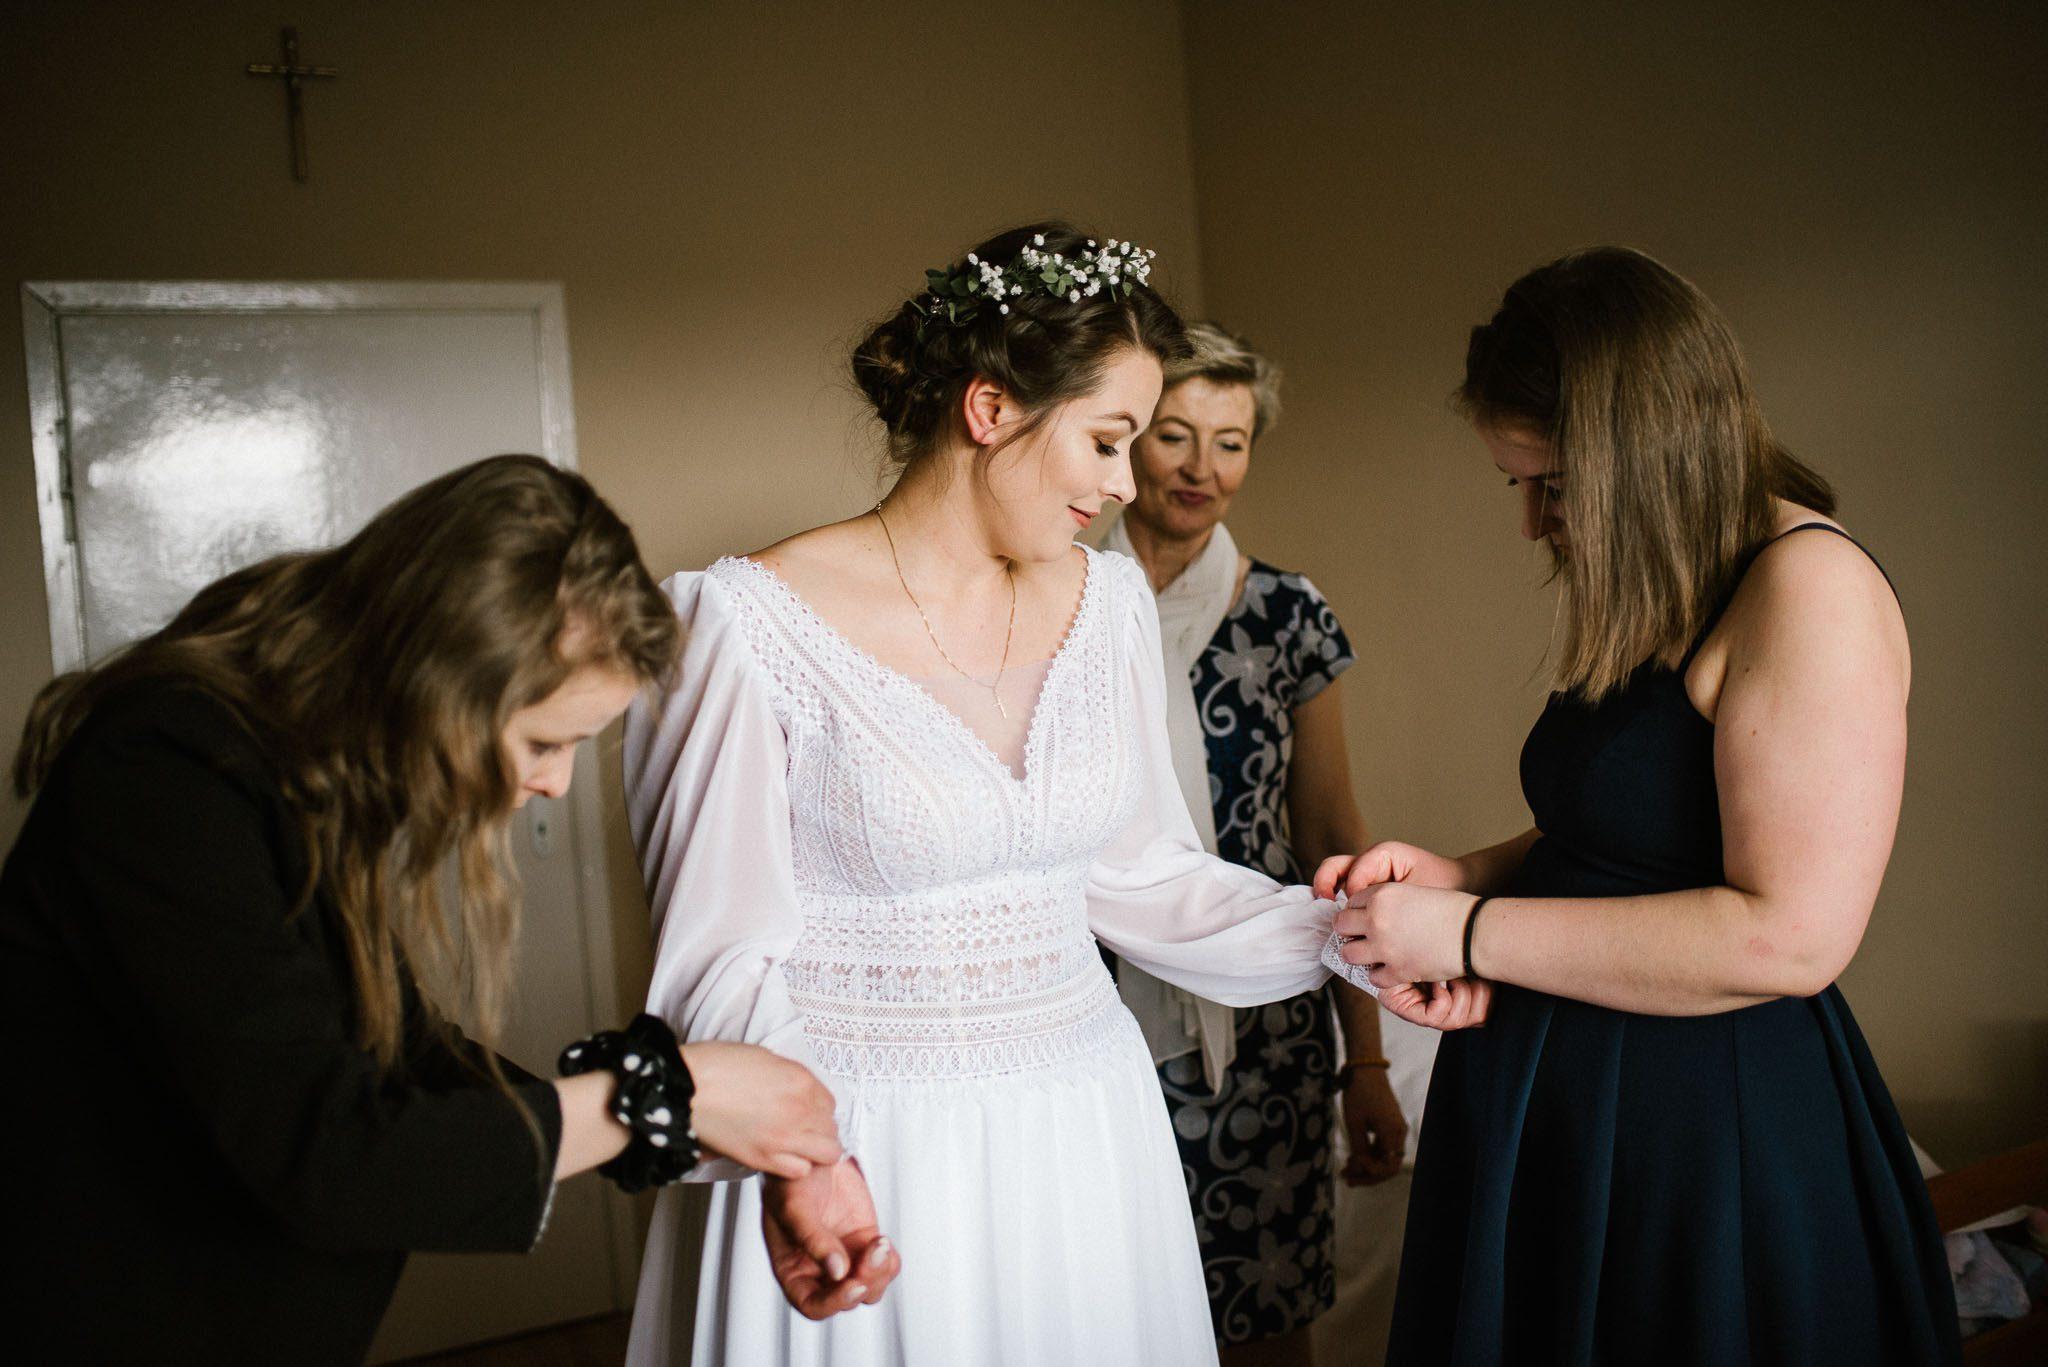 Przyjaciółki pomagają pannie młodej zapiąć suknię ślubną - sesja ślubna reportaż Żuczki Inowrocław